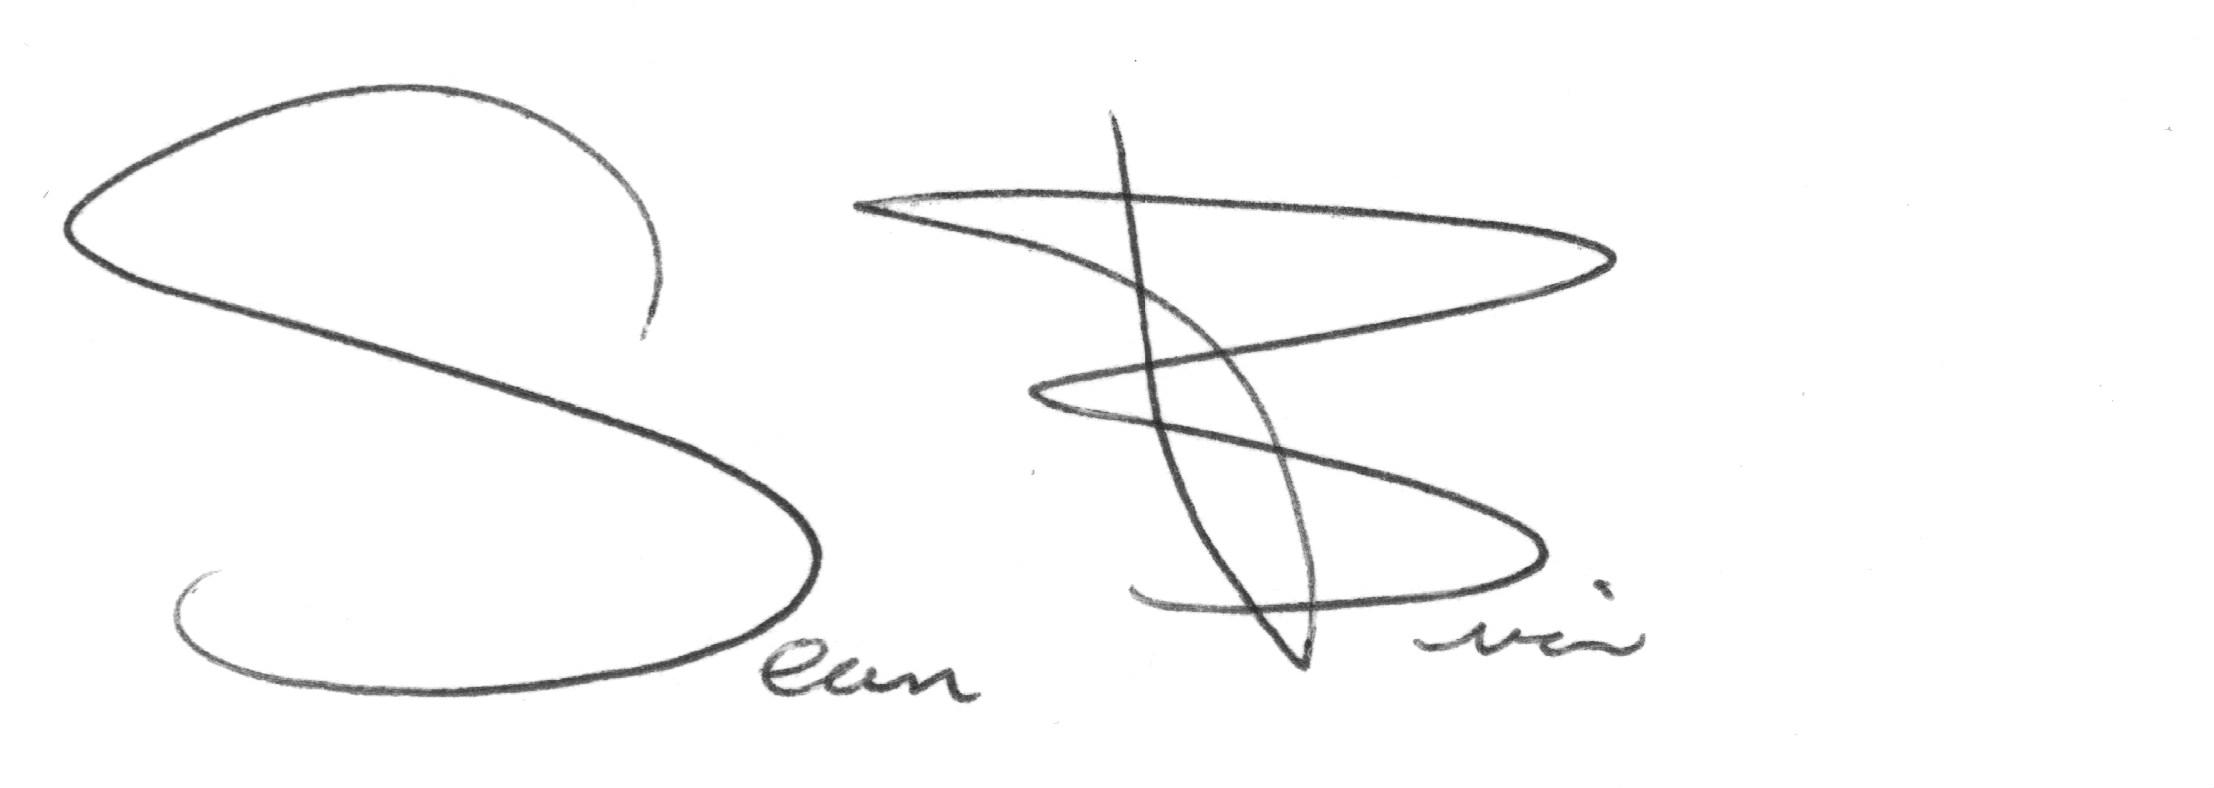 Sean brian's Signature